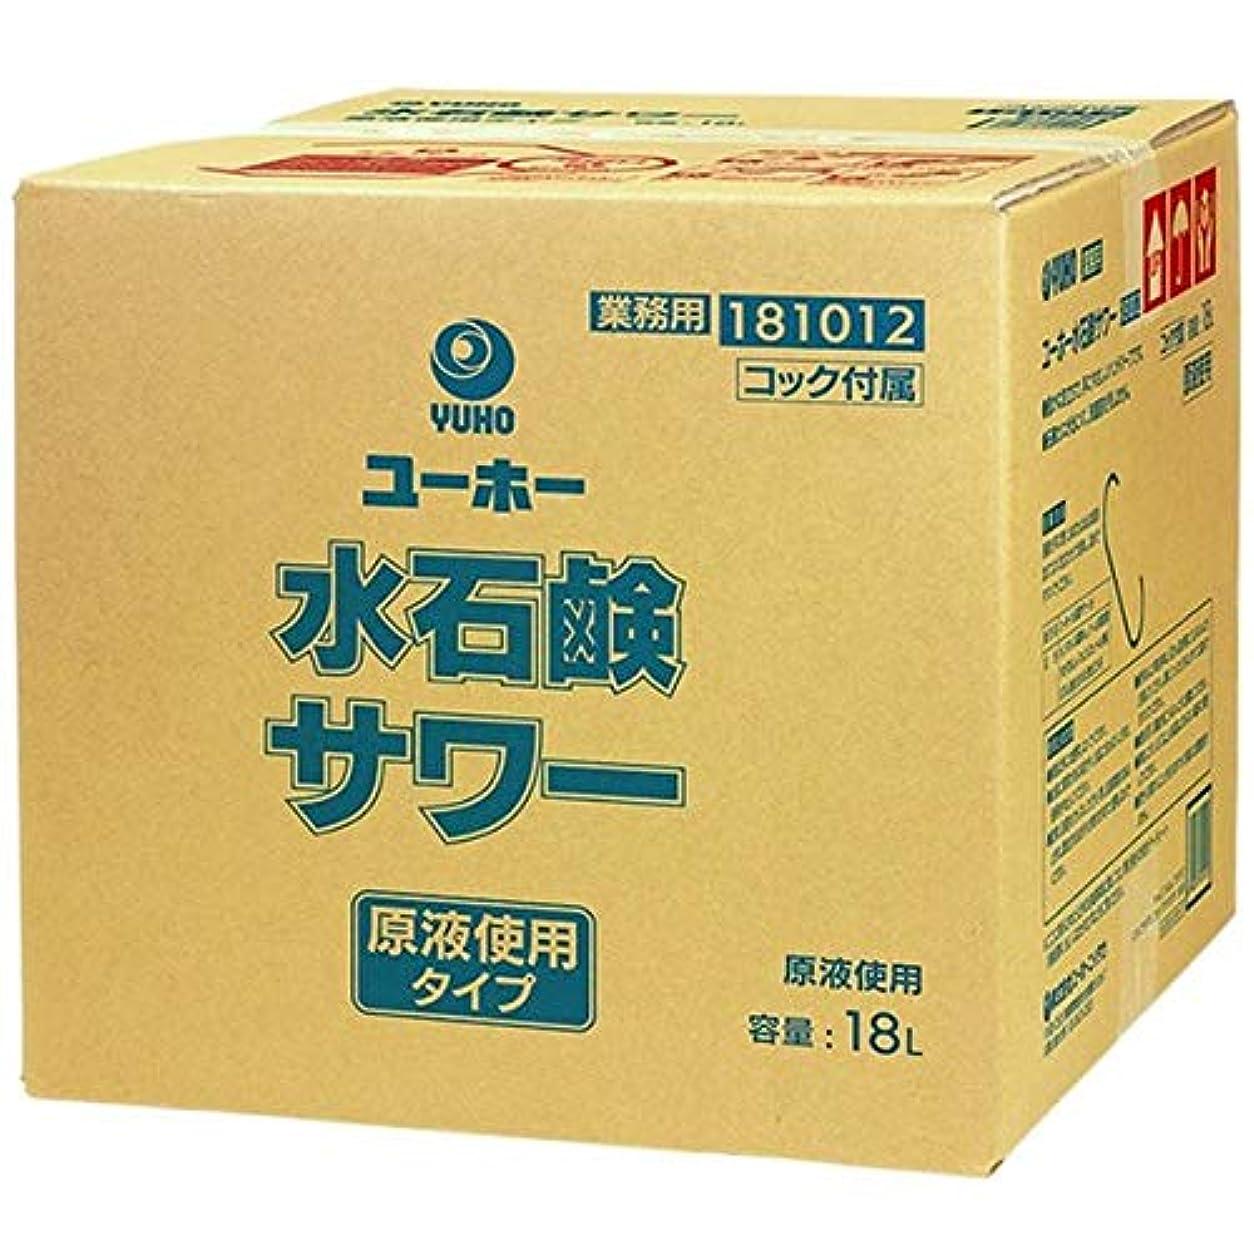 受信到着のぞき見業務用 ハンドソープ 水石鹸サワー 原液タイプ 18L 181011 (希釈しないで使用できる原液タイプのハンドソープ)